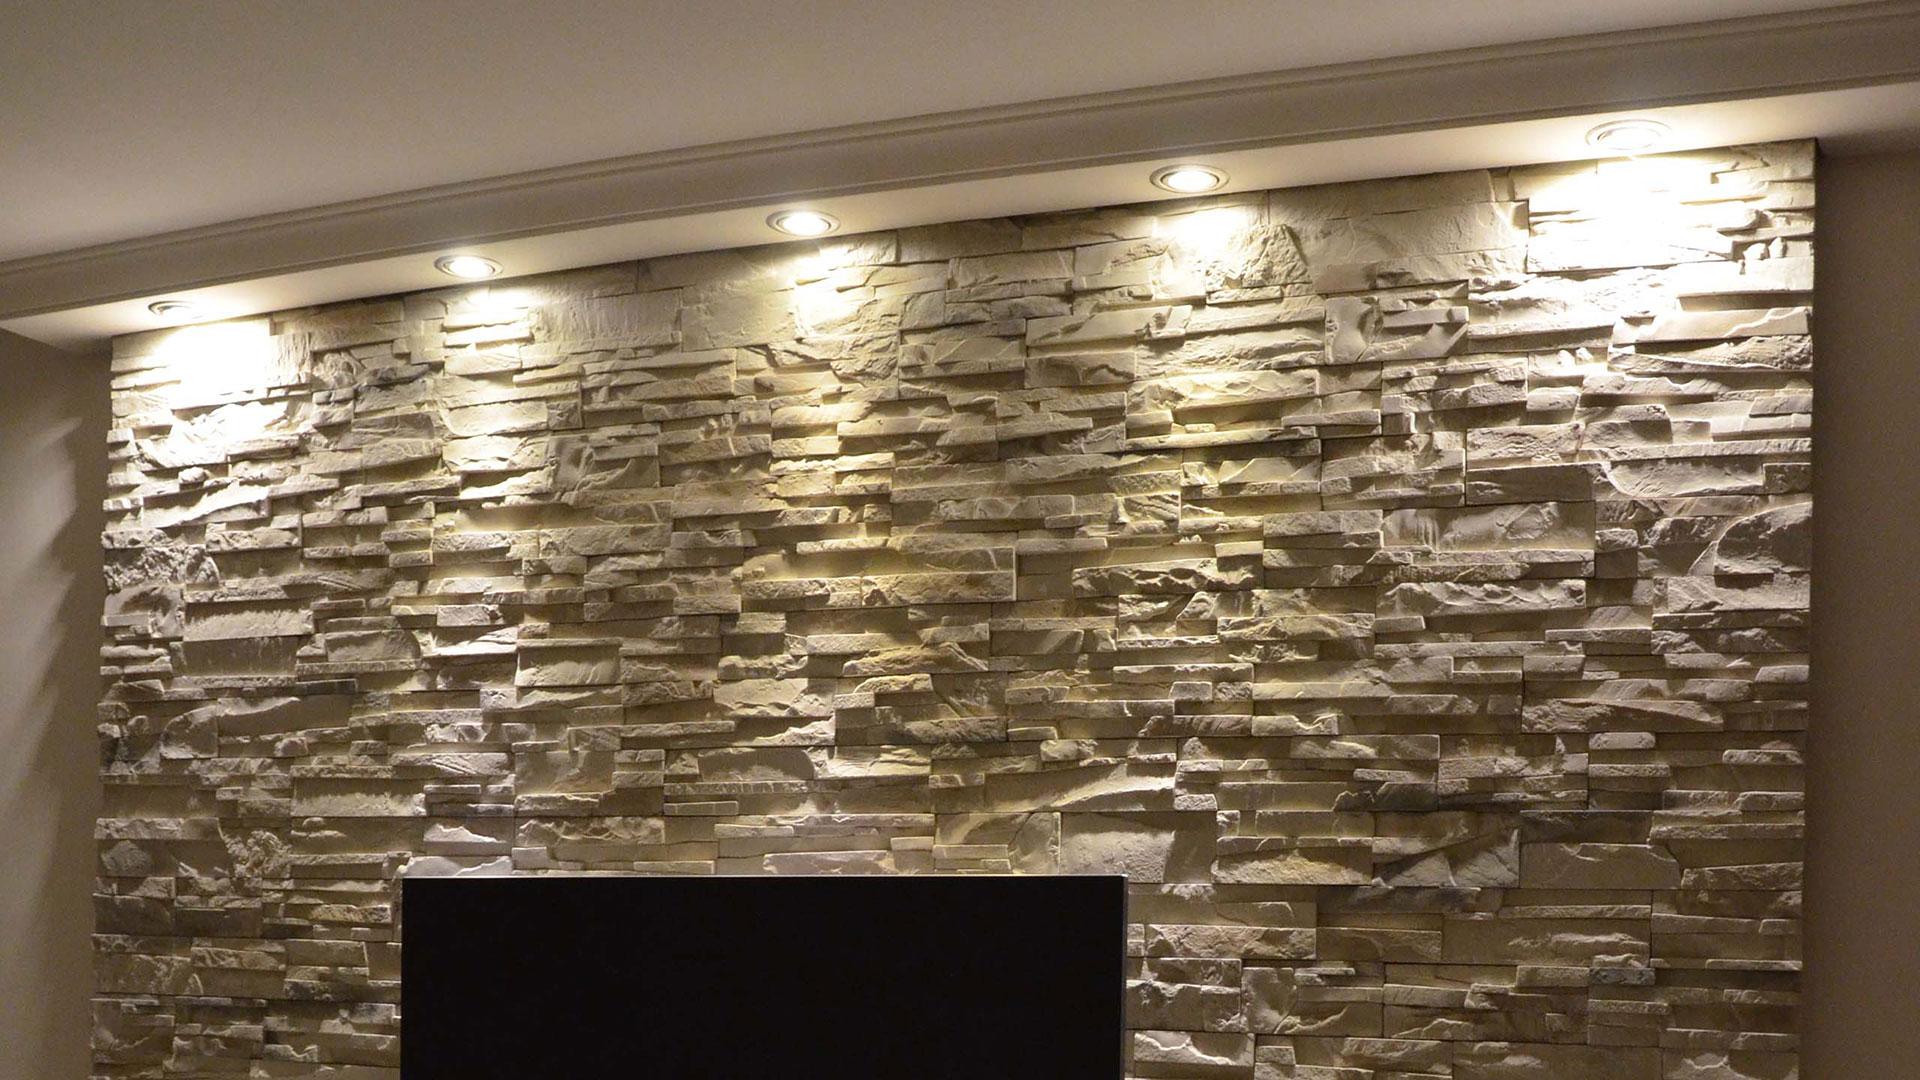 Lichtbalken zum Einbau von LED-Spots